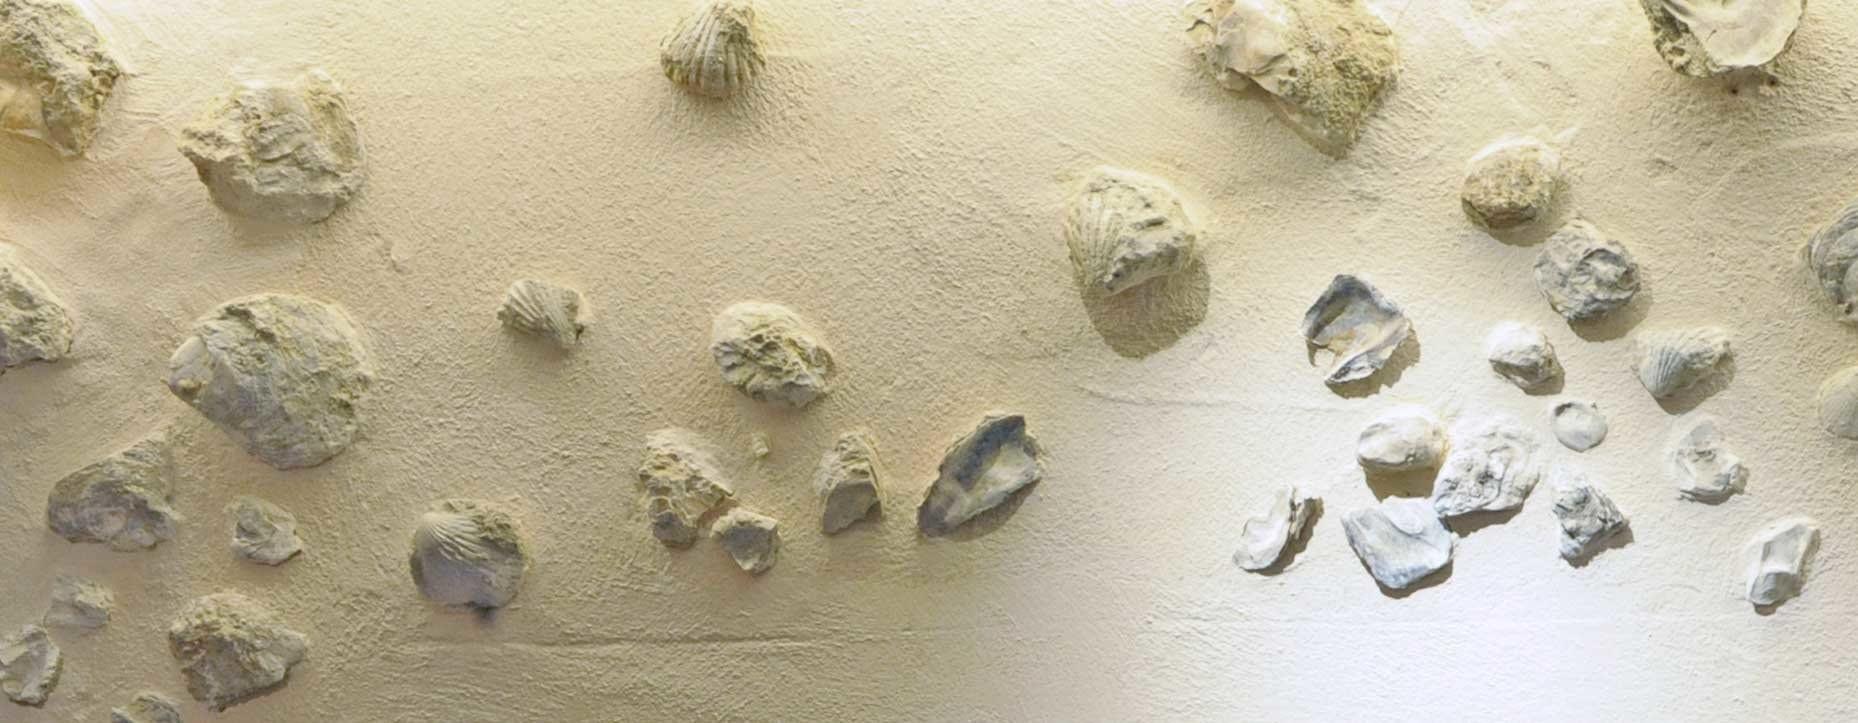 Fossilien im Rebberg